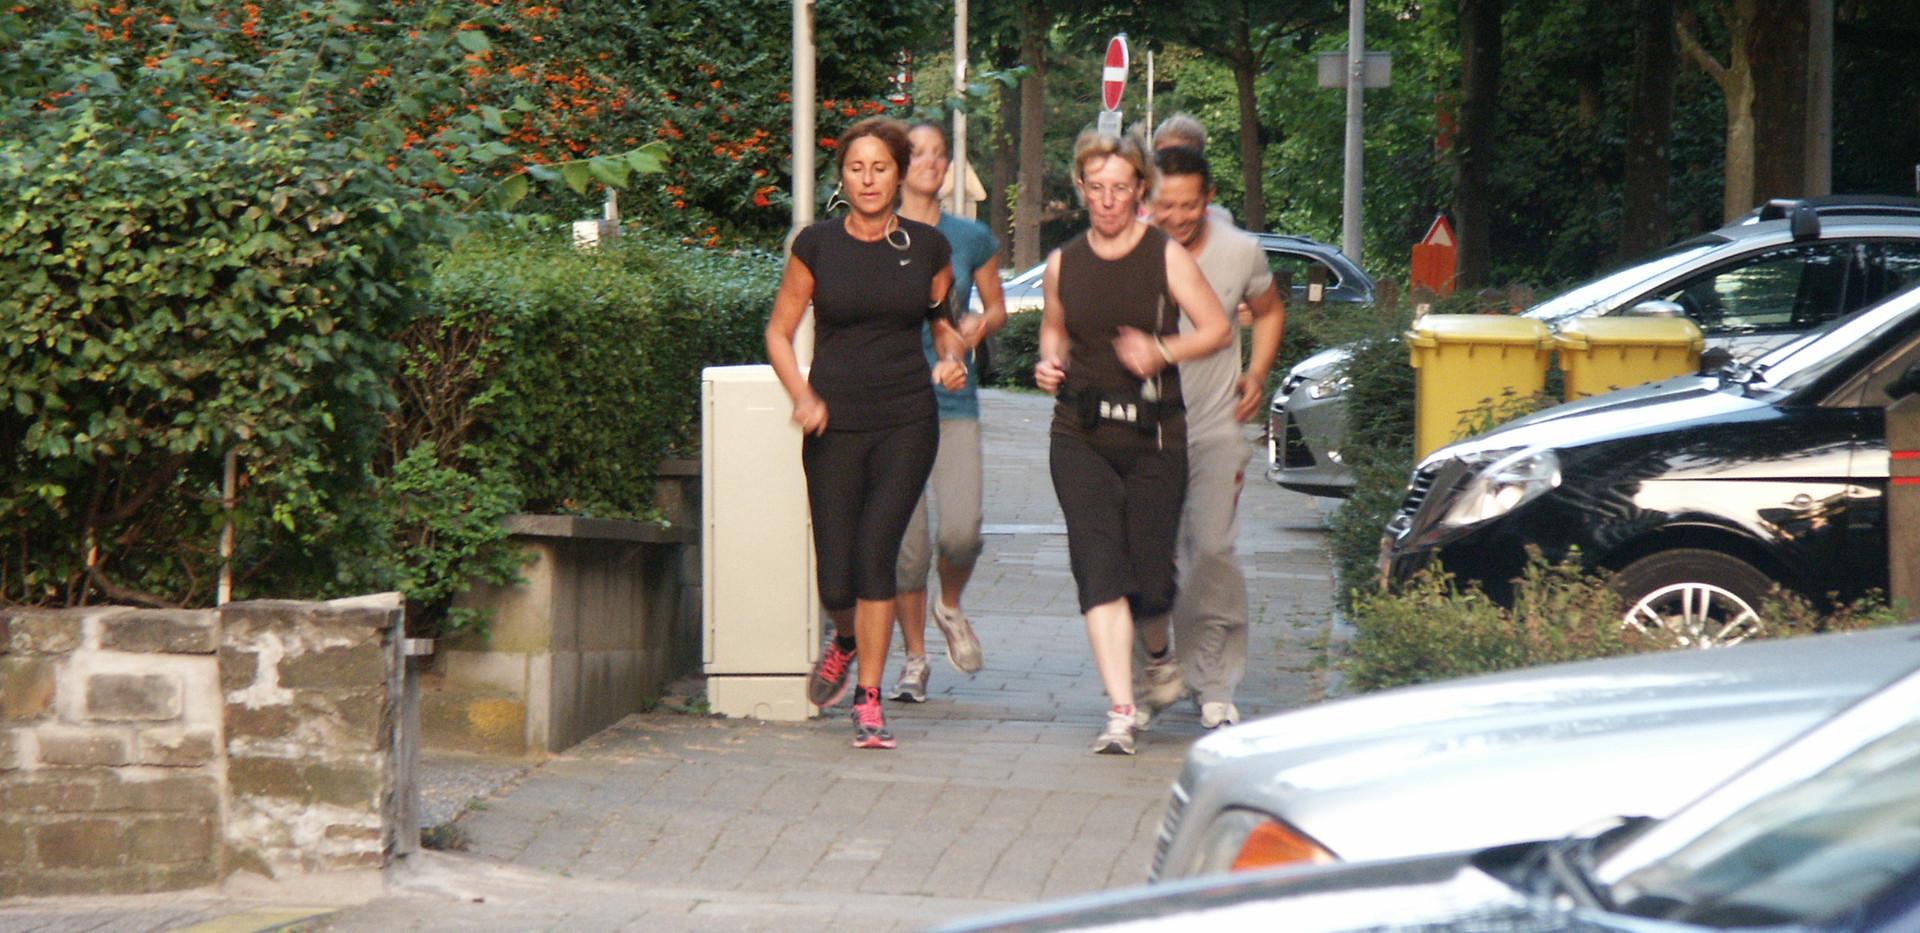 12 09 10 Jogging-21.JPG